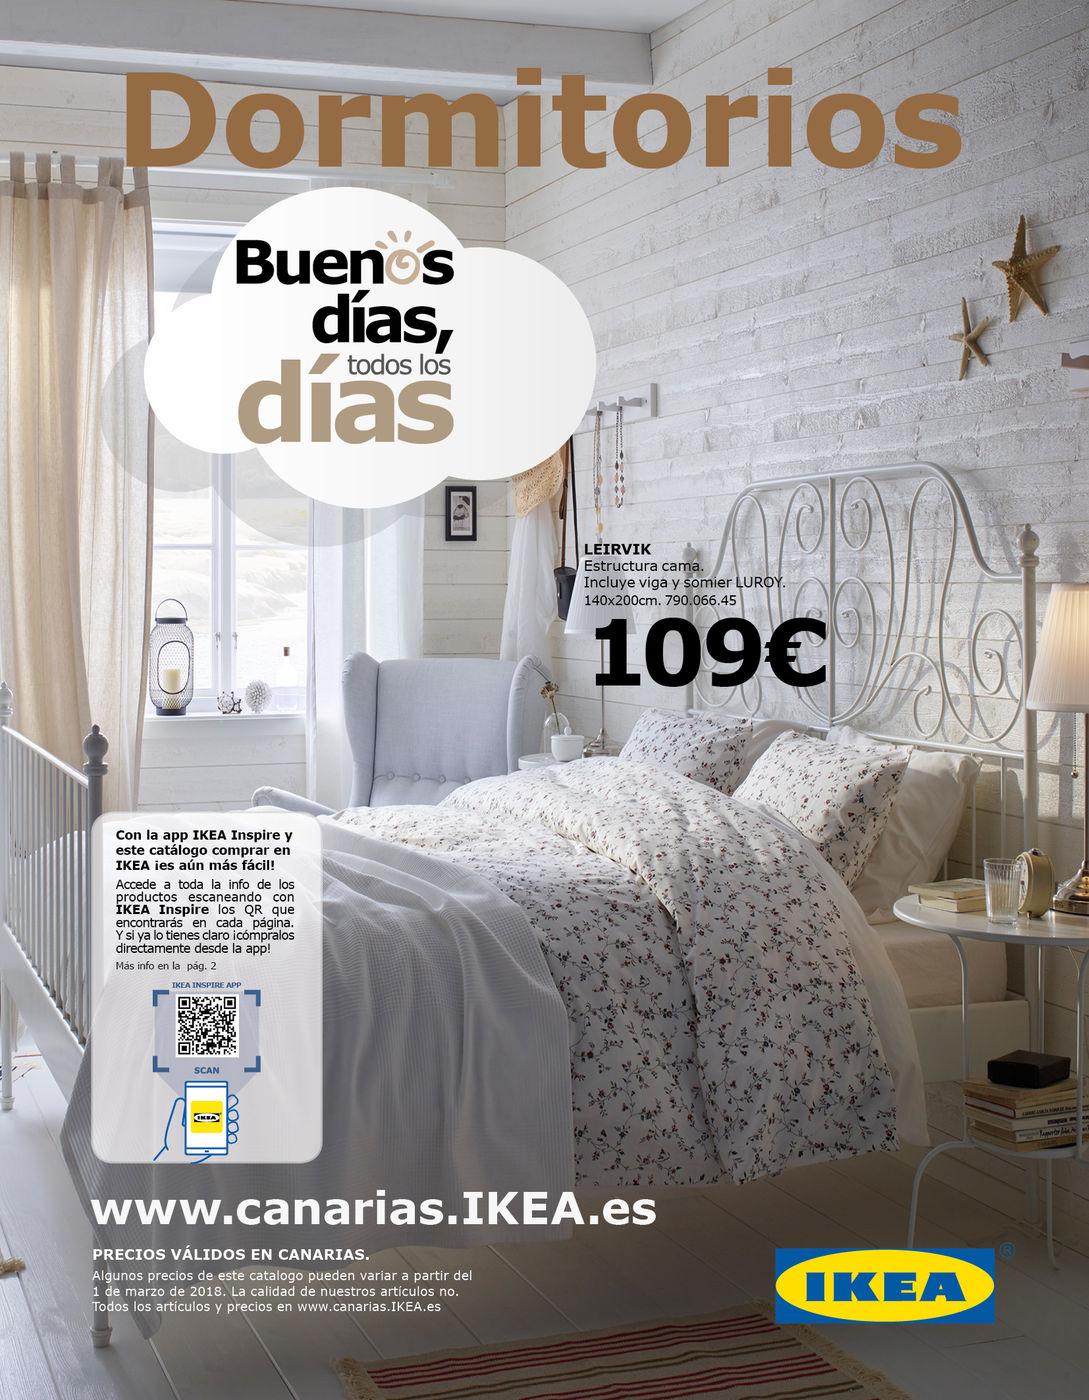 Catalogo Distribucion Oct Dormitorios 2018 Can - Ikea-dormitorios-catalogo